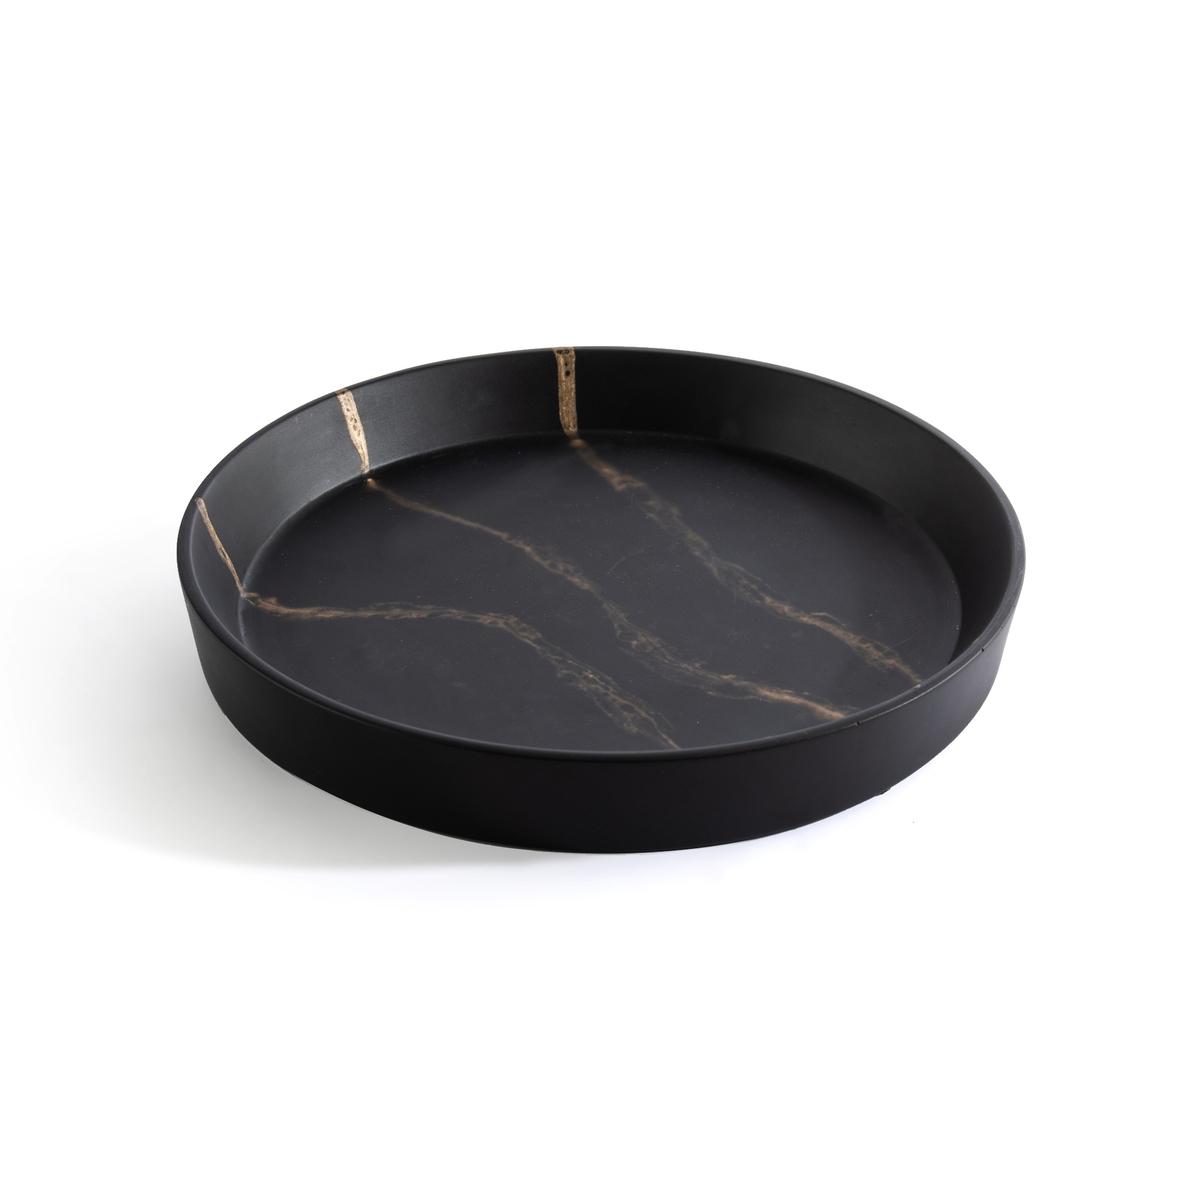 Блюдо La Redoute Из пластика с эффектом мрамора маленькая модель Ogama единый размер черный сумка la redoute из ткани с блестками h единый размер черный